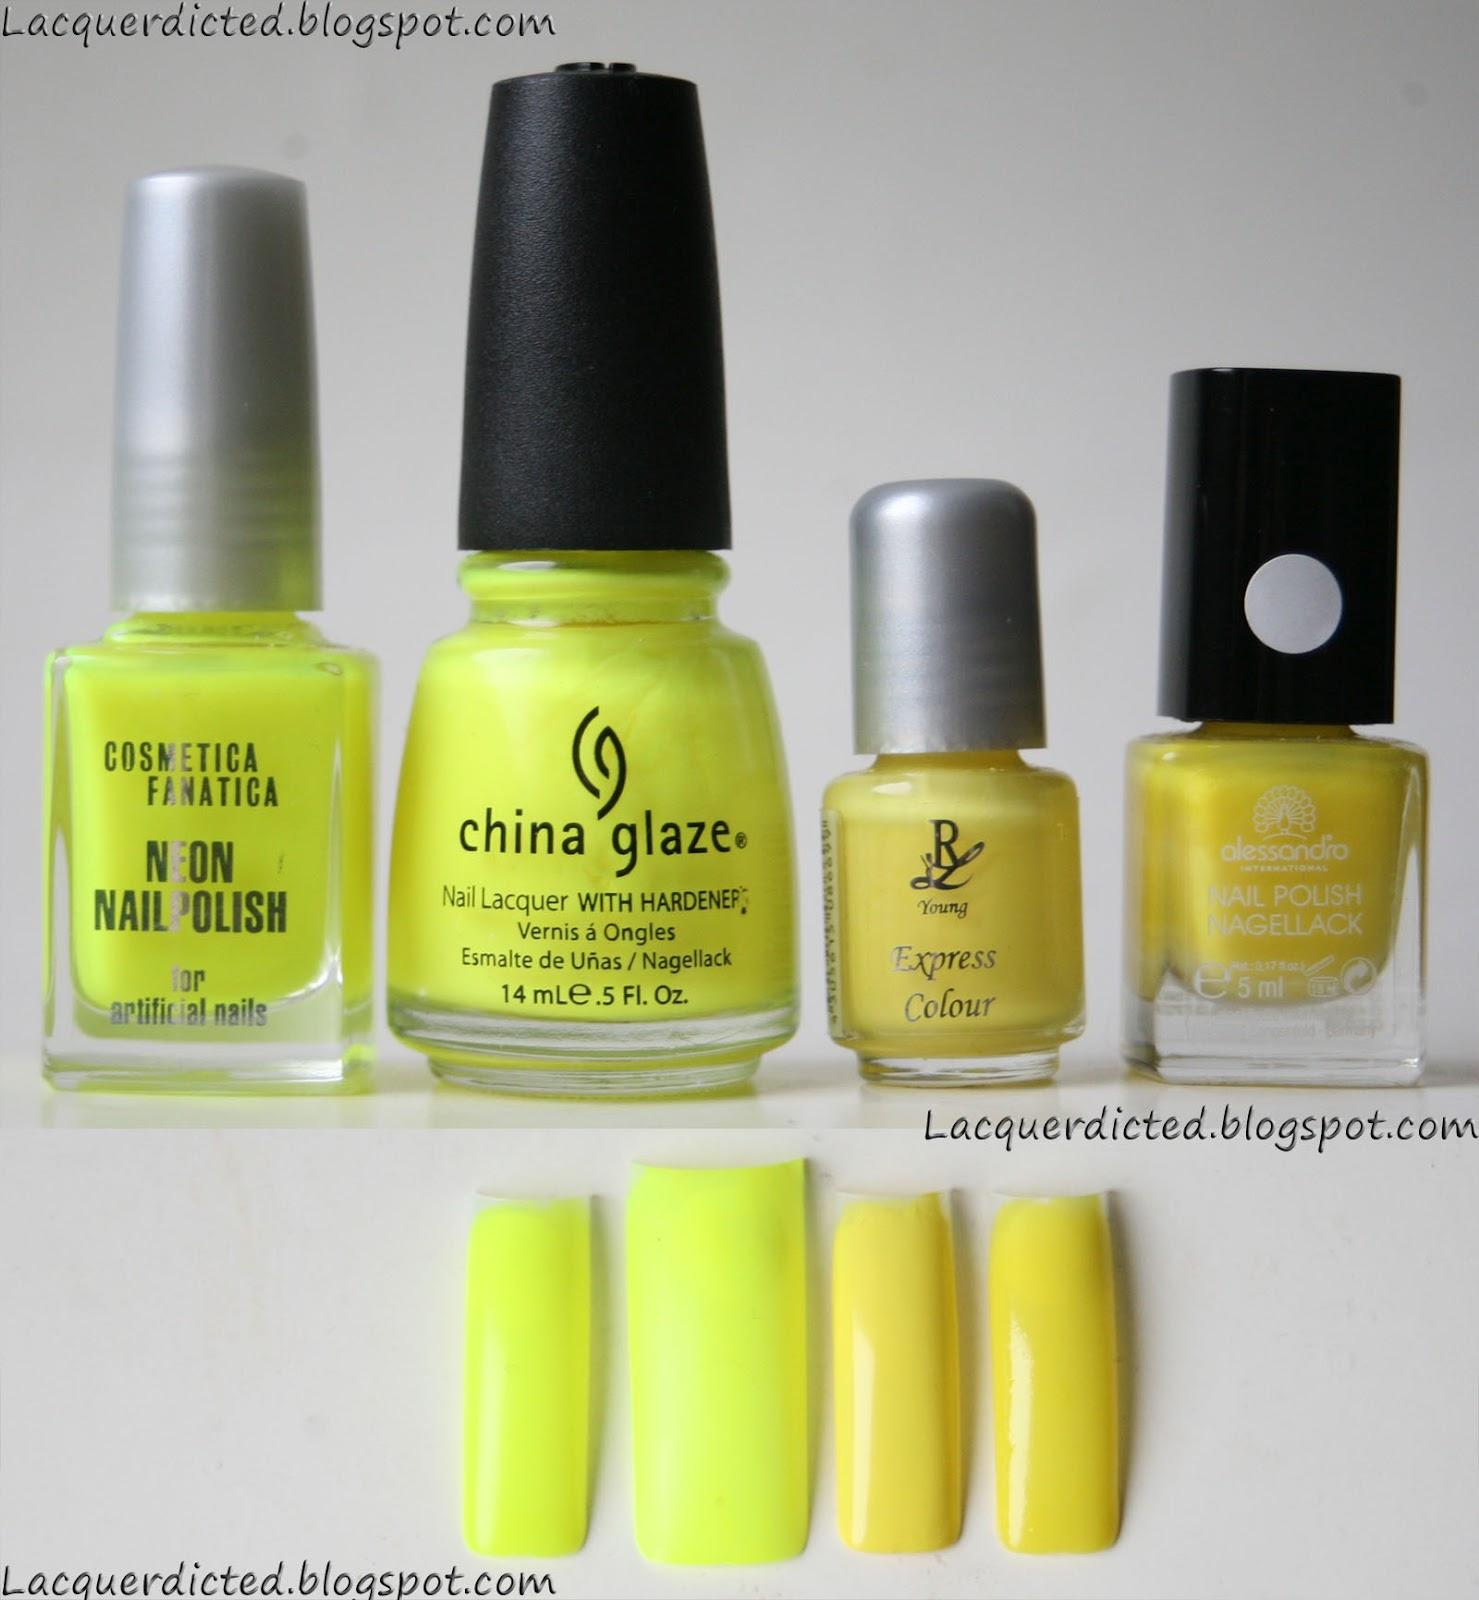 Lacquerdicted: Meine Sammlung - Alle meine gelben Lacke!